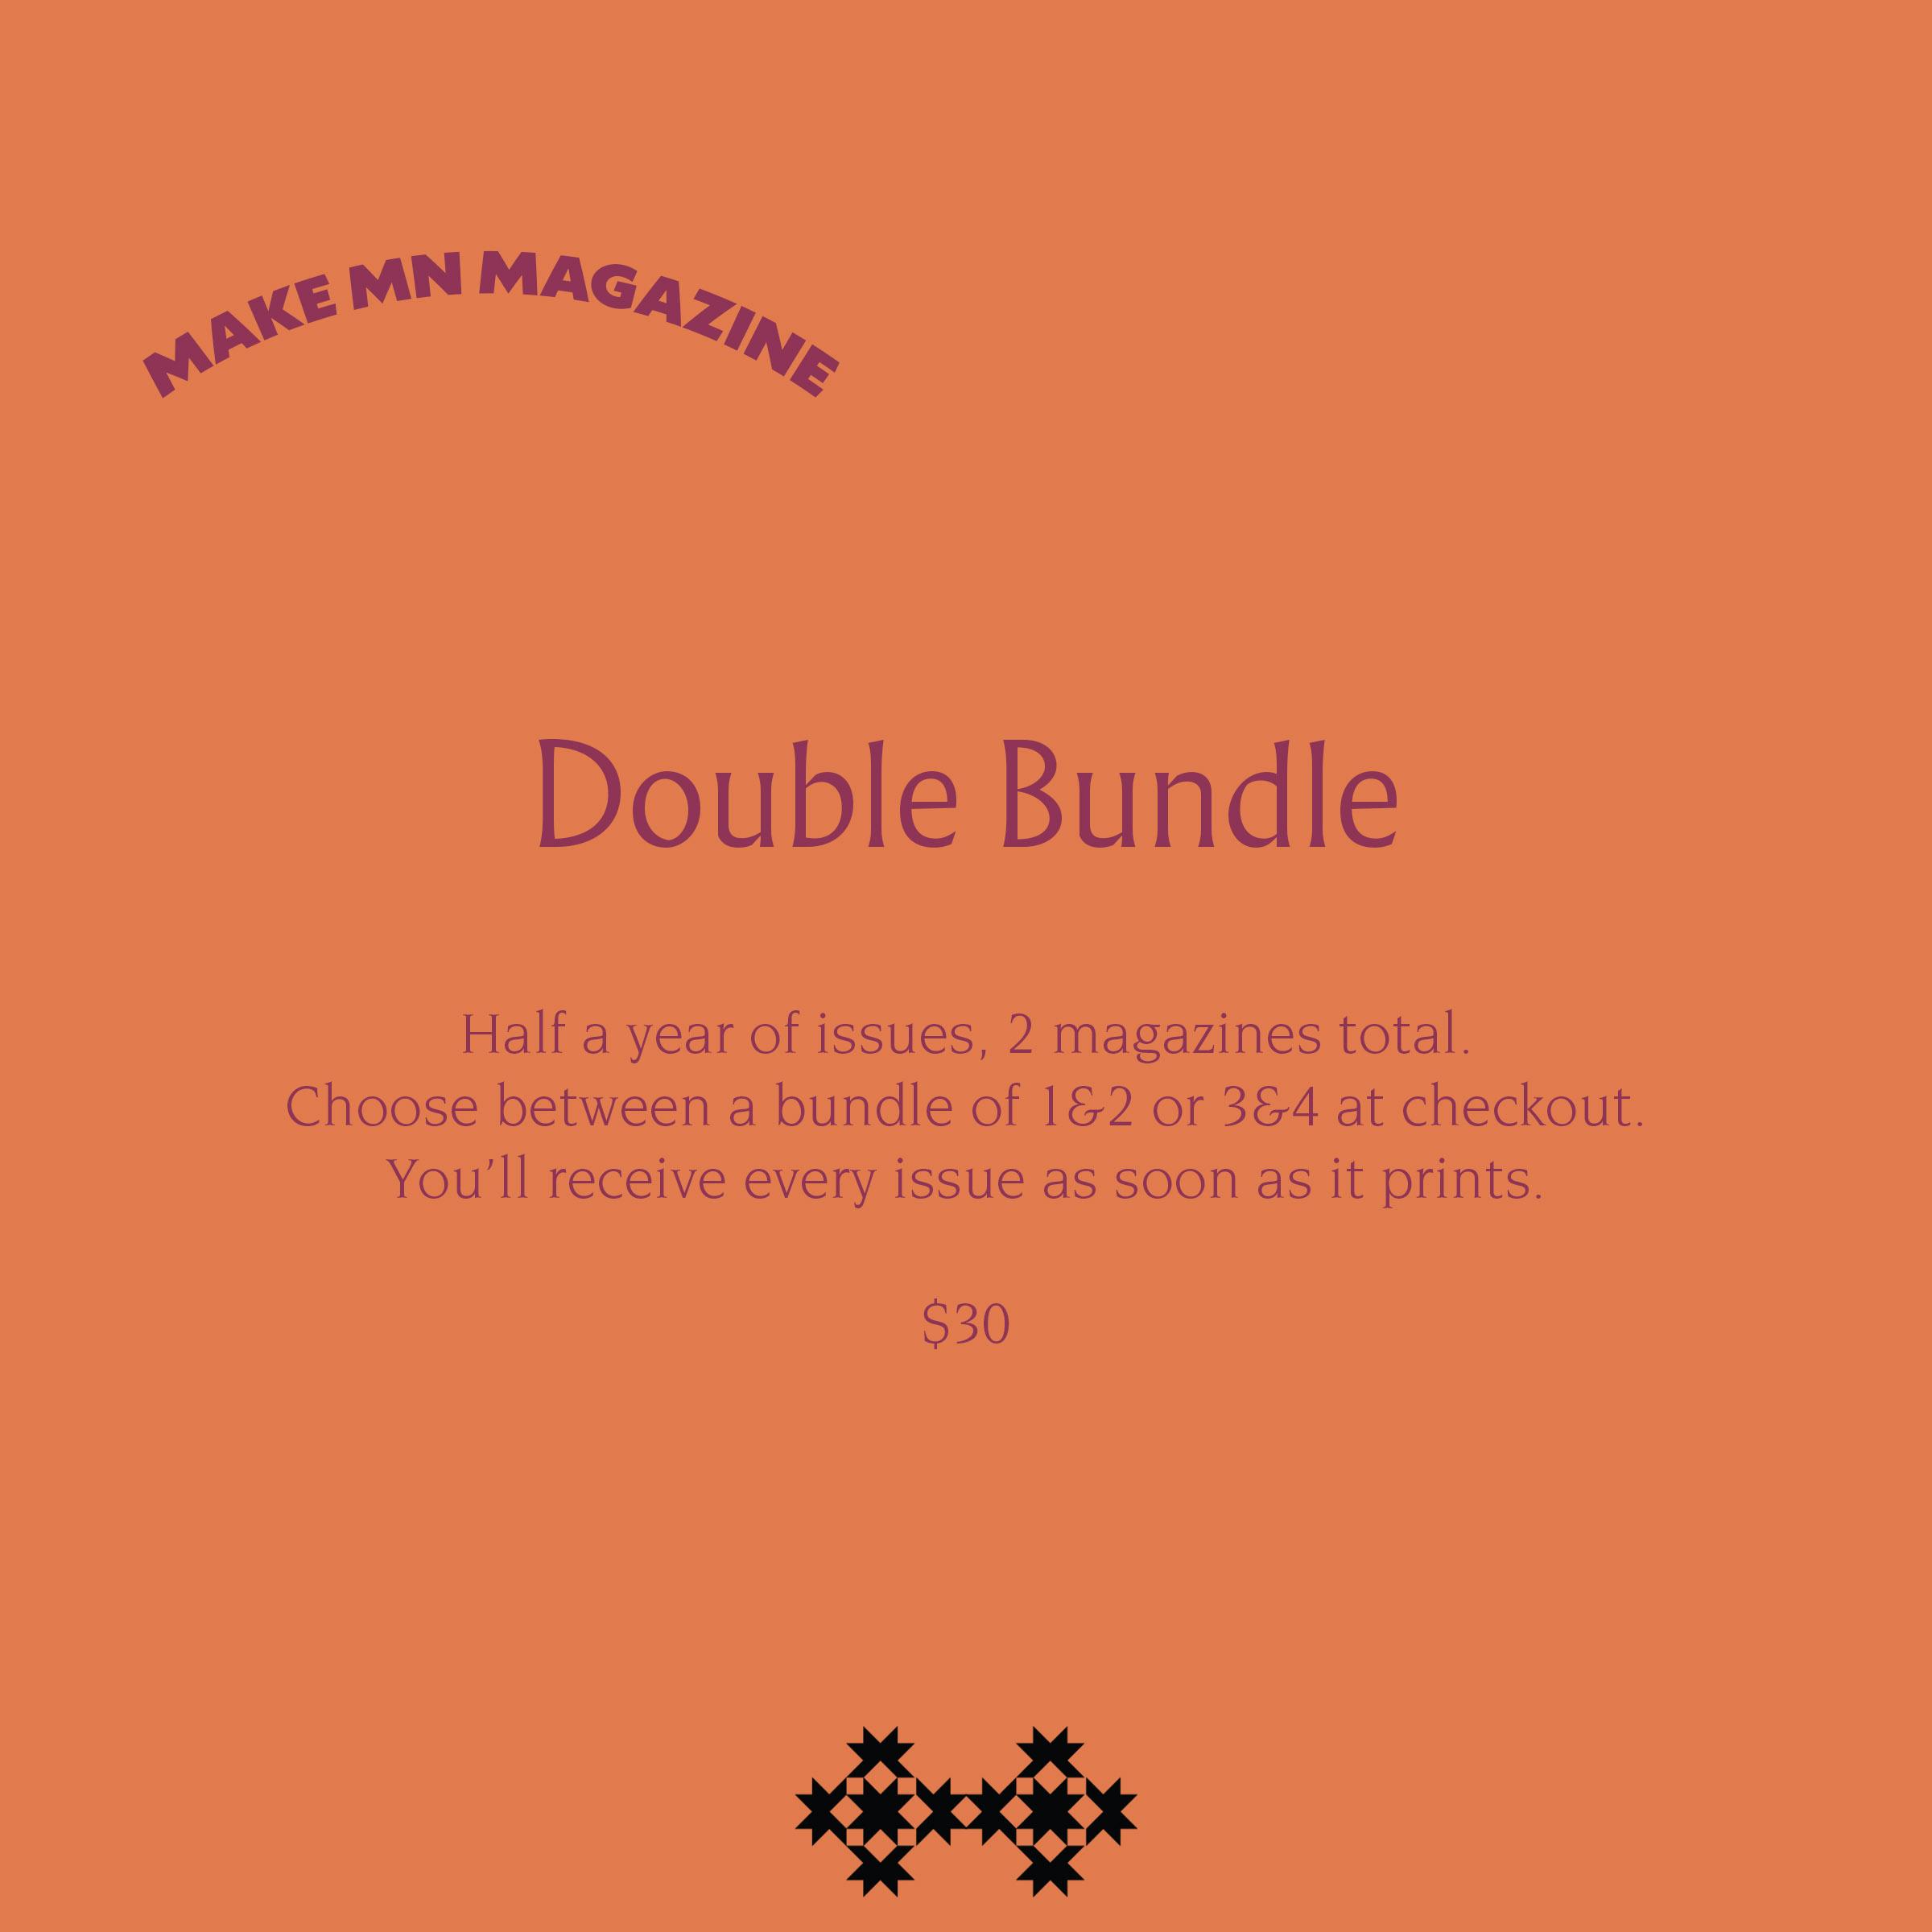 Double Bundle